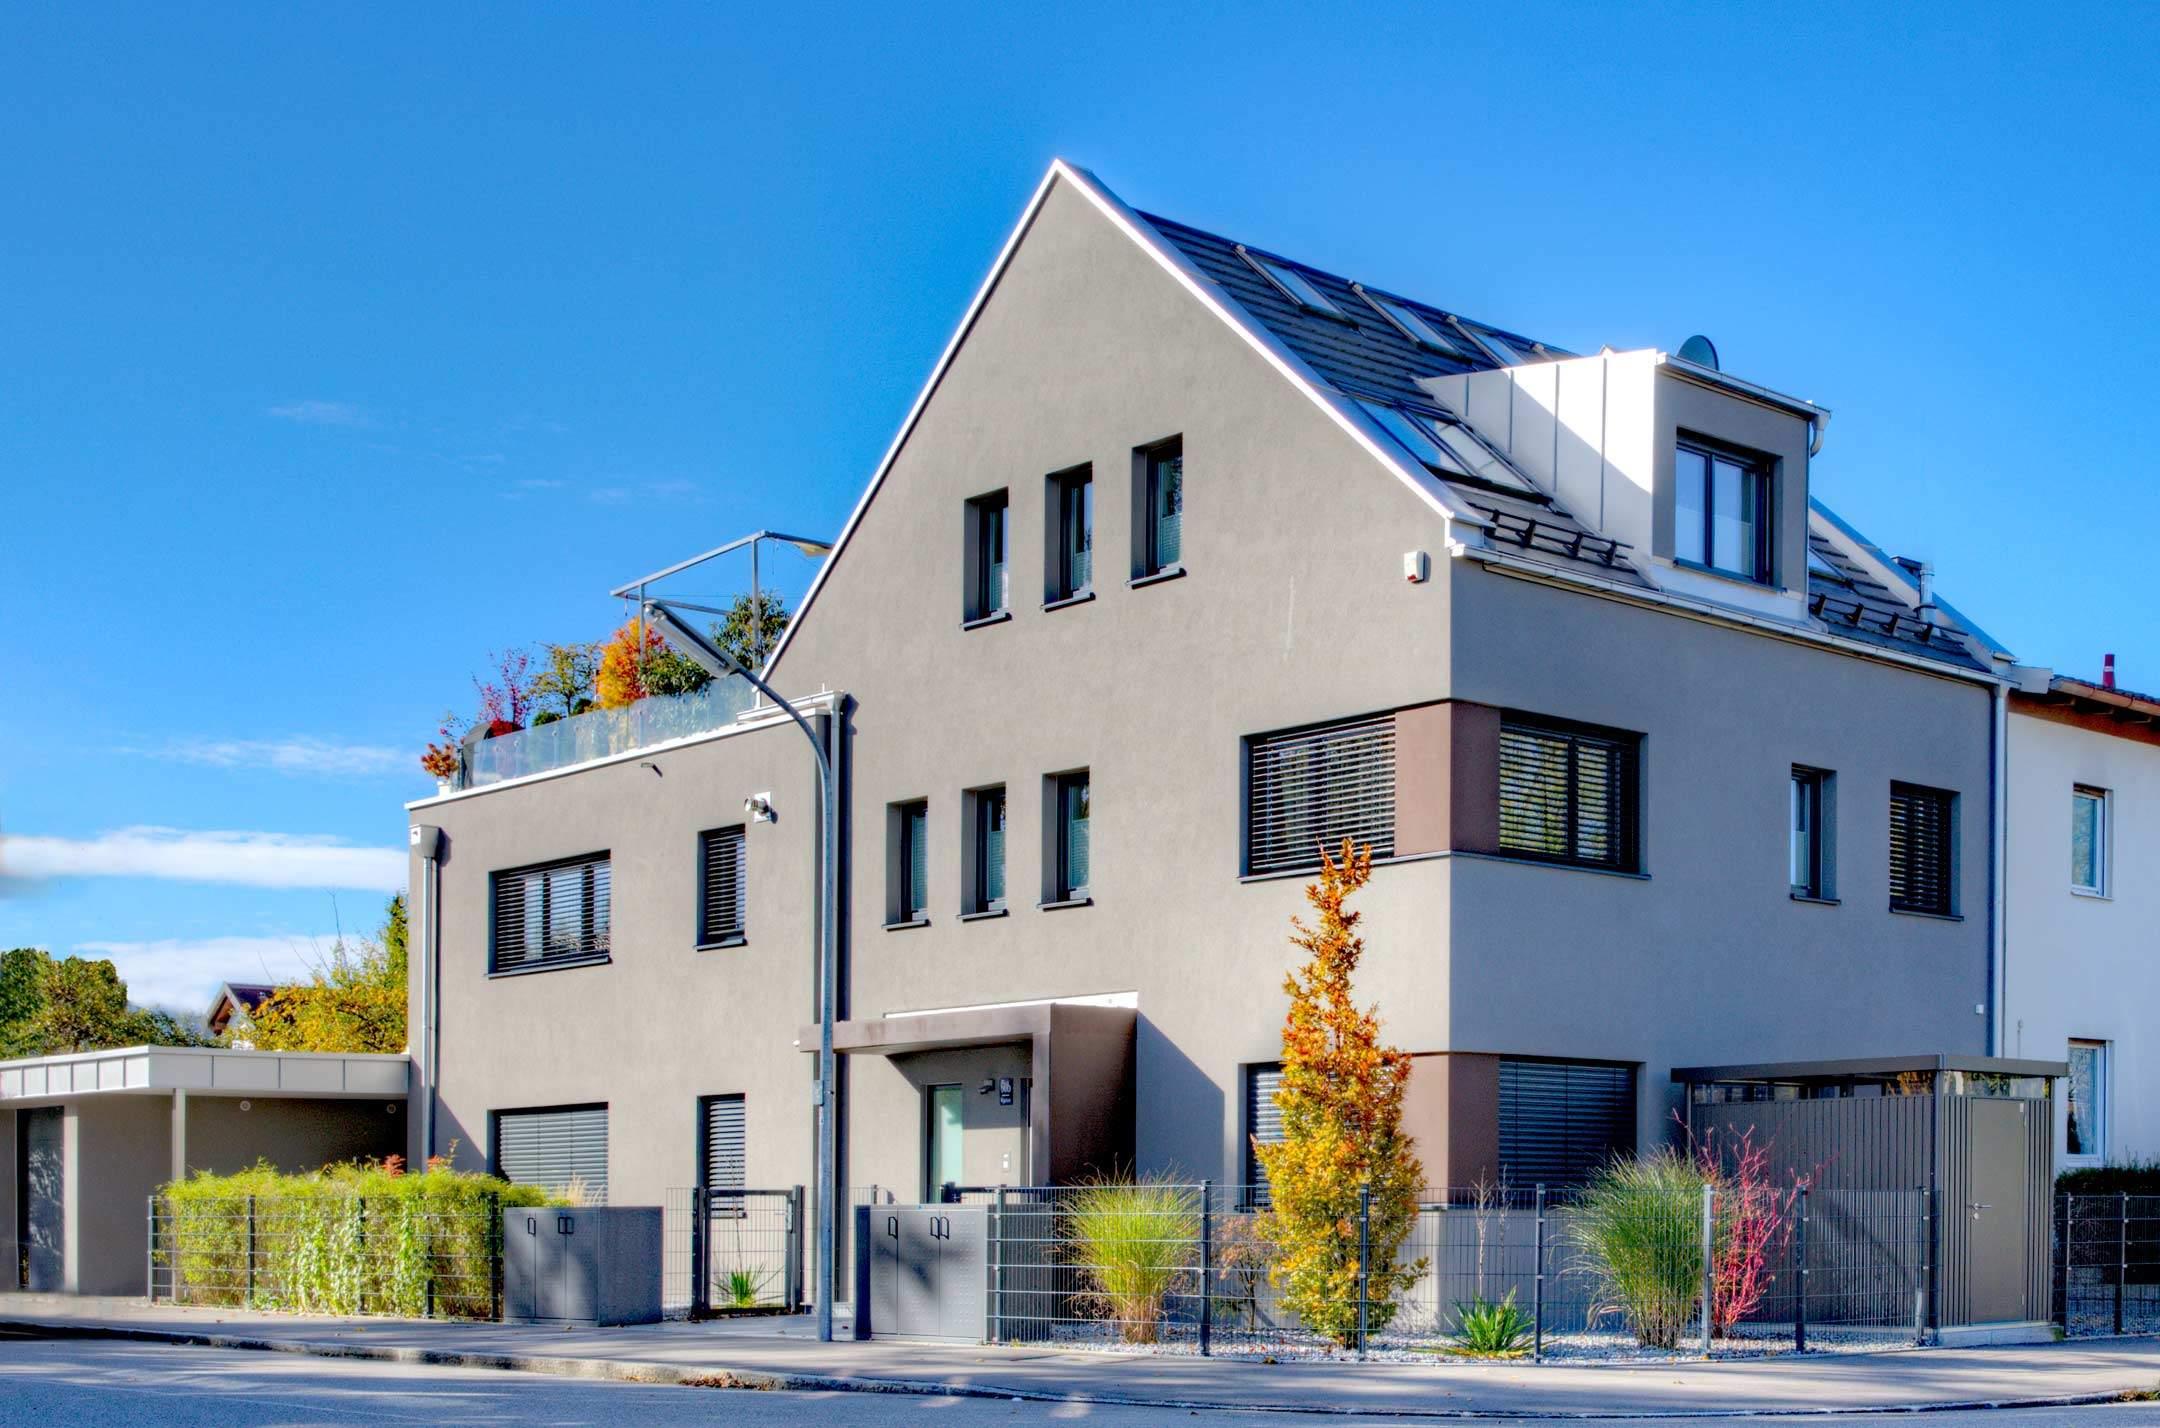 Marktbericht 2019: Immobilienpreise in München Hadern